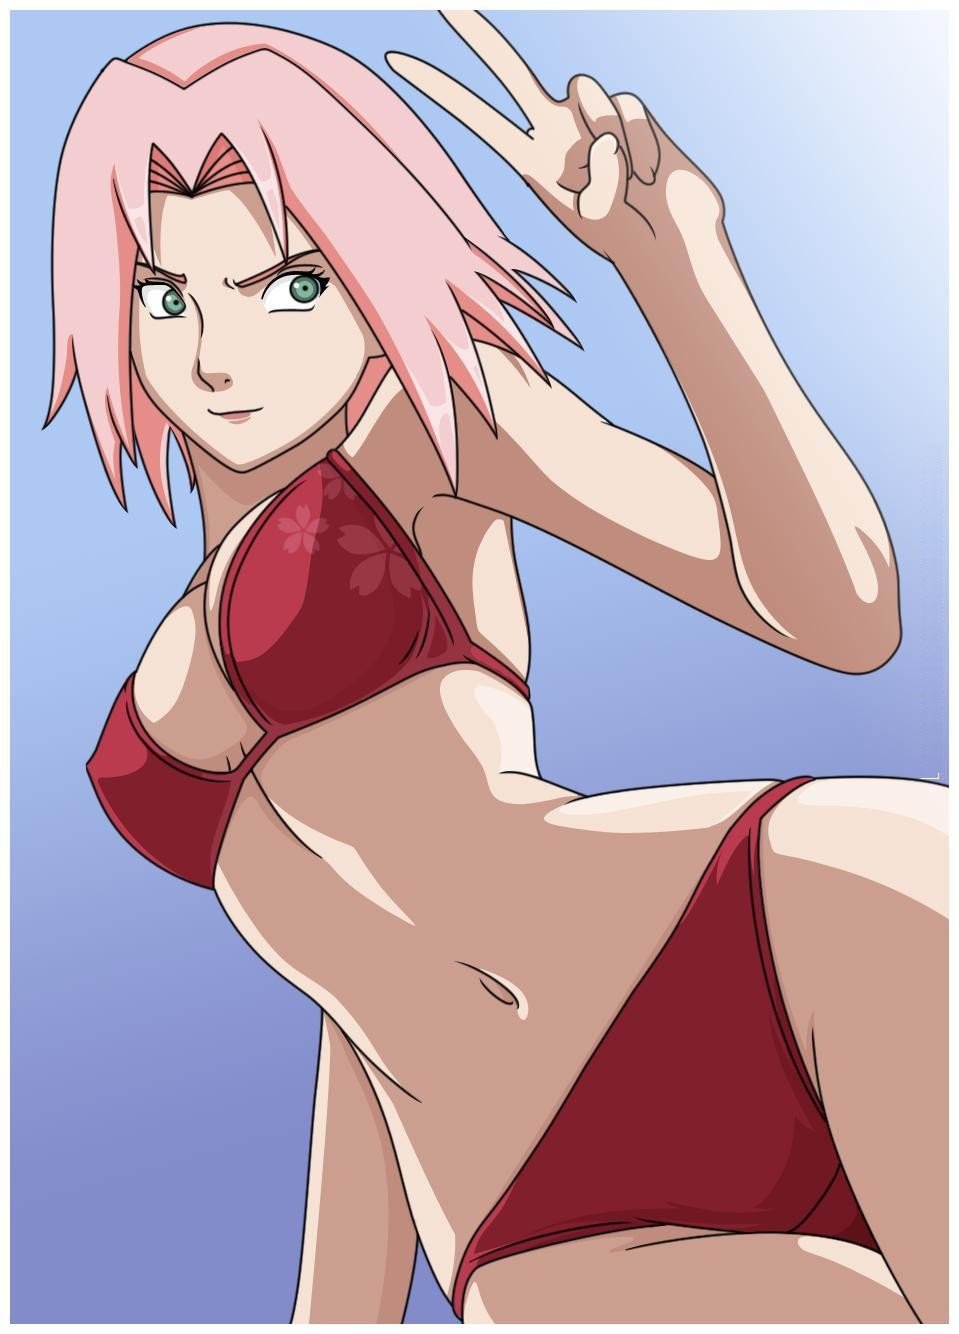 求几张火影忍者中小樱单人的性感泳装图片!要动漫的!